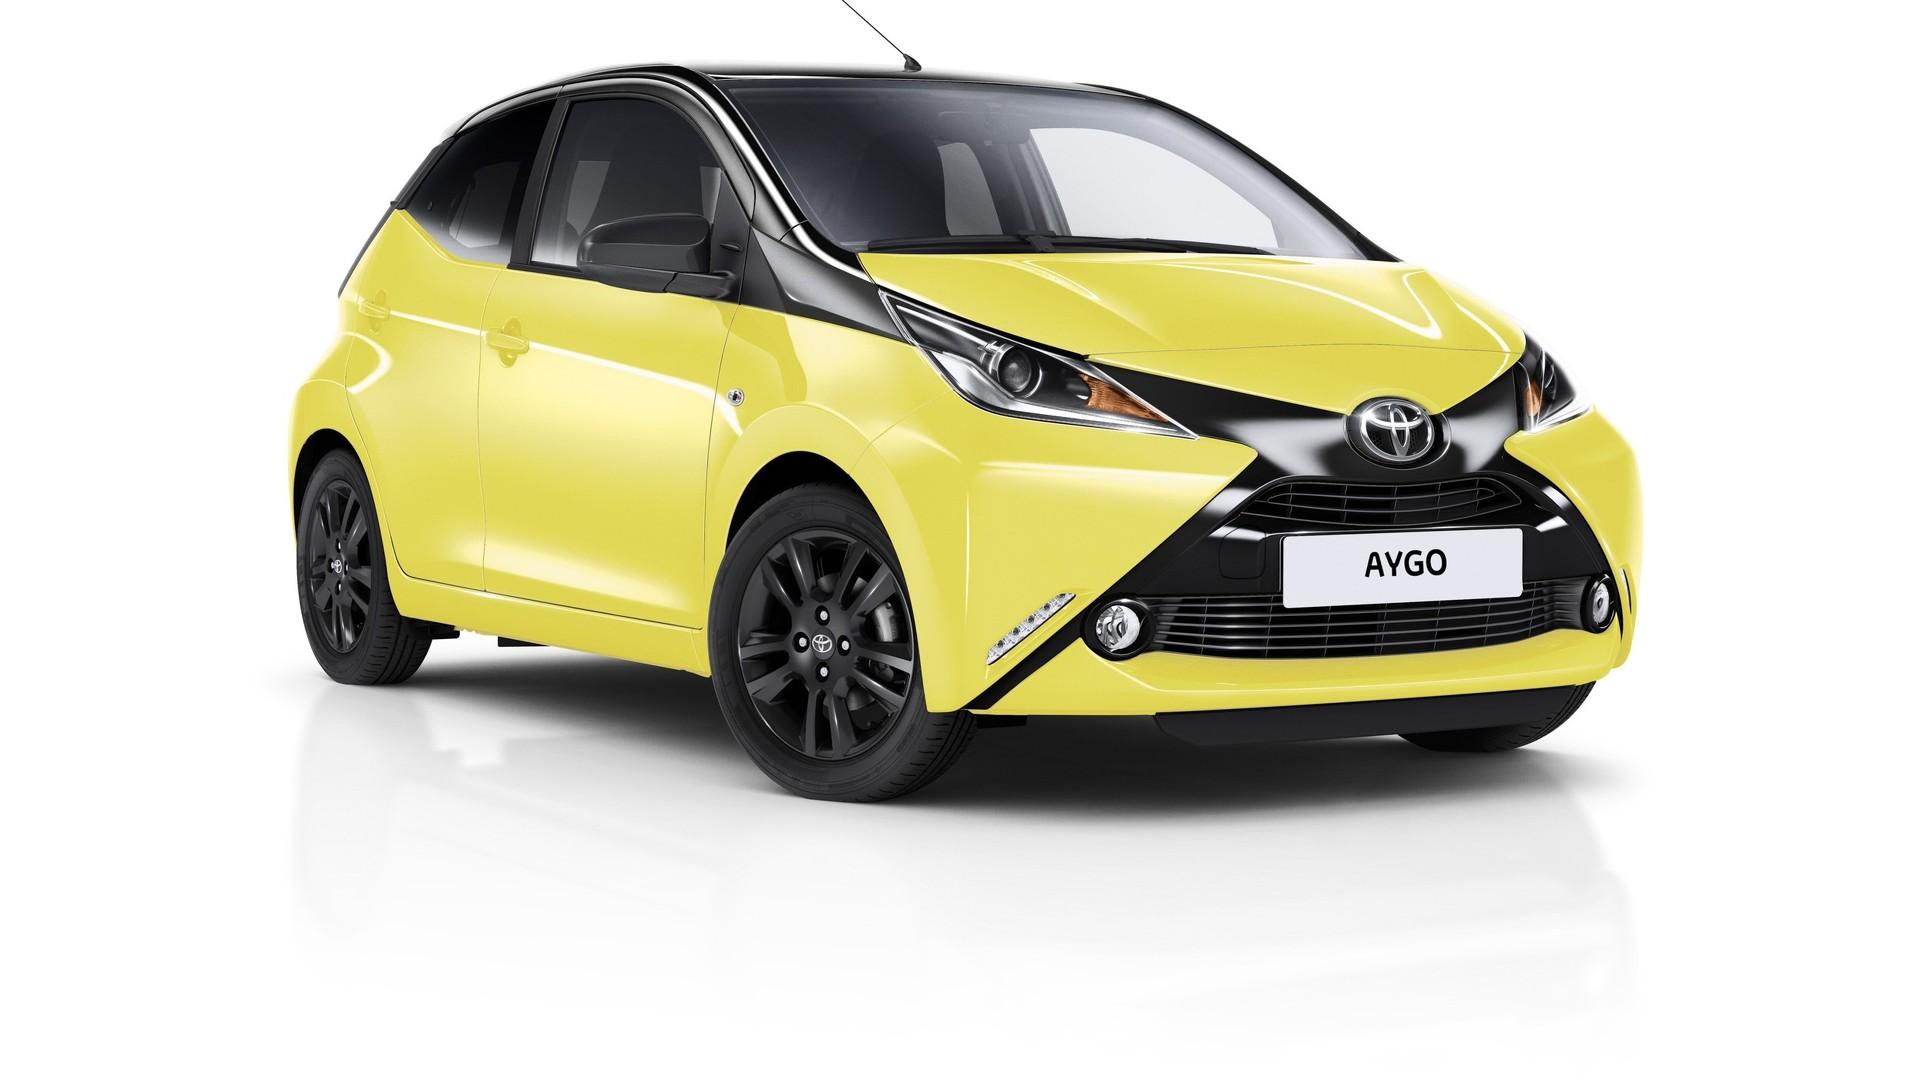 Компания Toyota решила привлечь молодых автолюбителей новым цветом 1